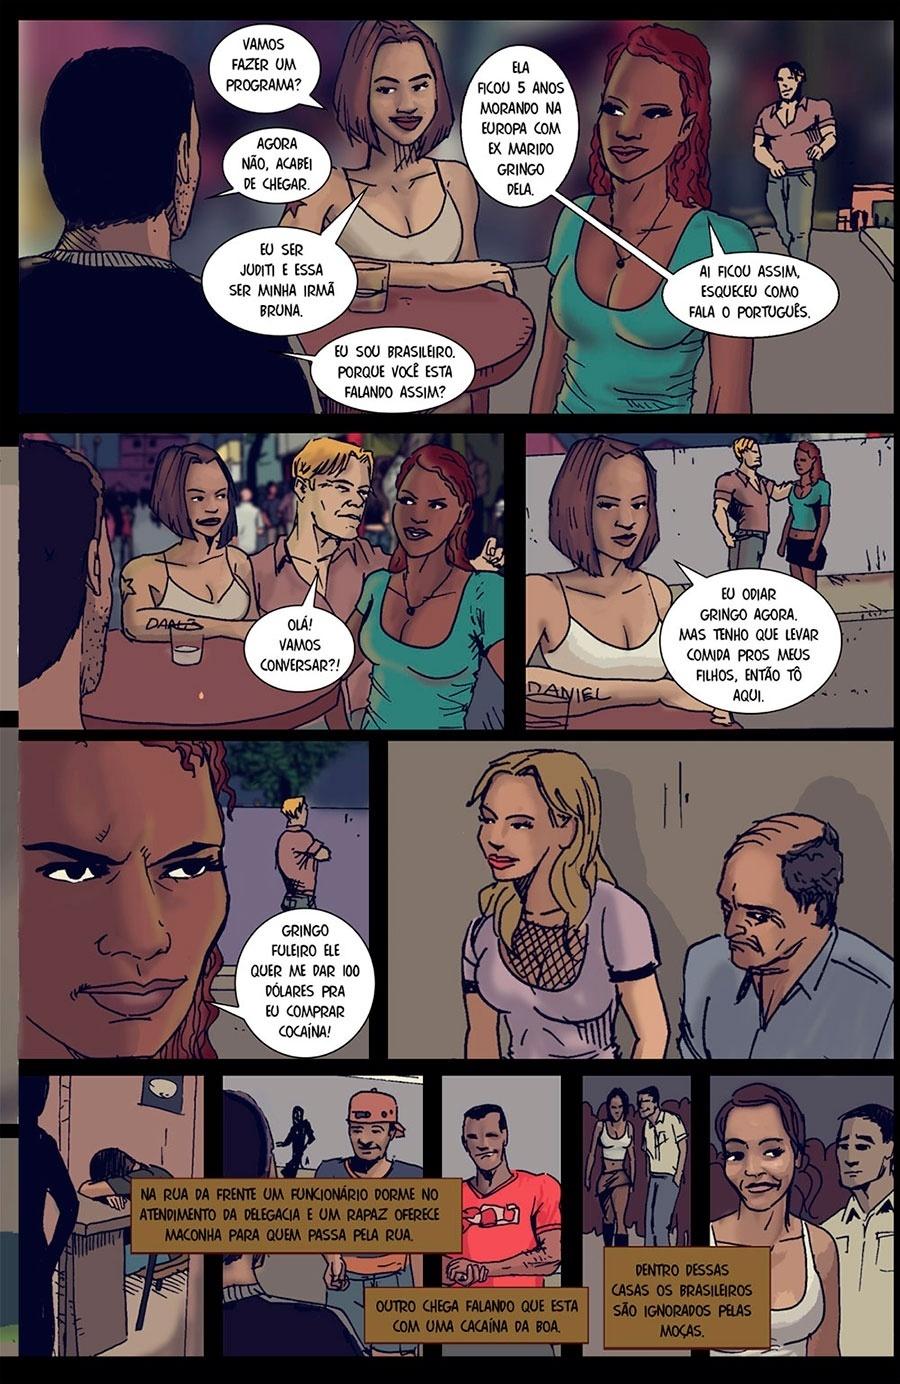 Capítulo 1: Prostitutas ofereceram um programa para o repórter, enquanto os estrangeiros tentam abordá-las.